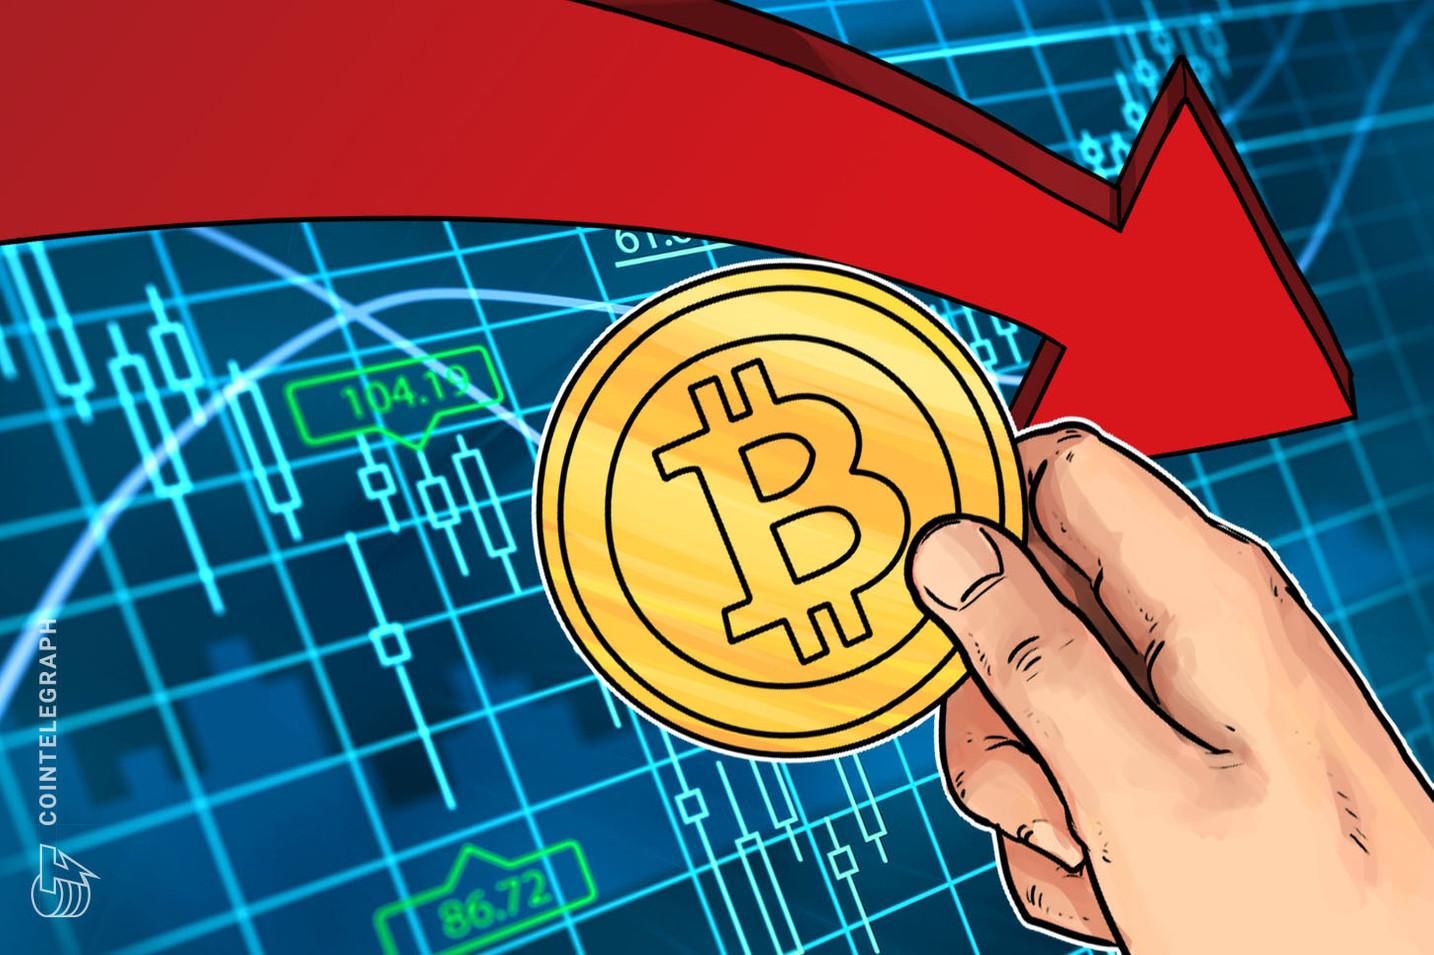 Bitcoin vacilla, i rialzisti lottano per difendere il supporto a 8.300$